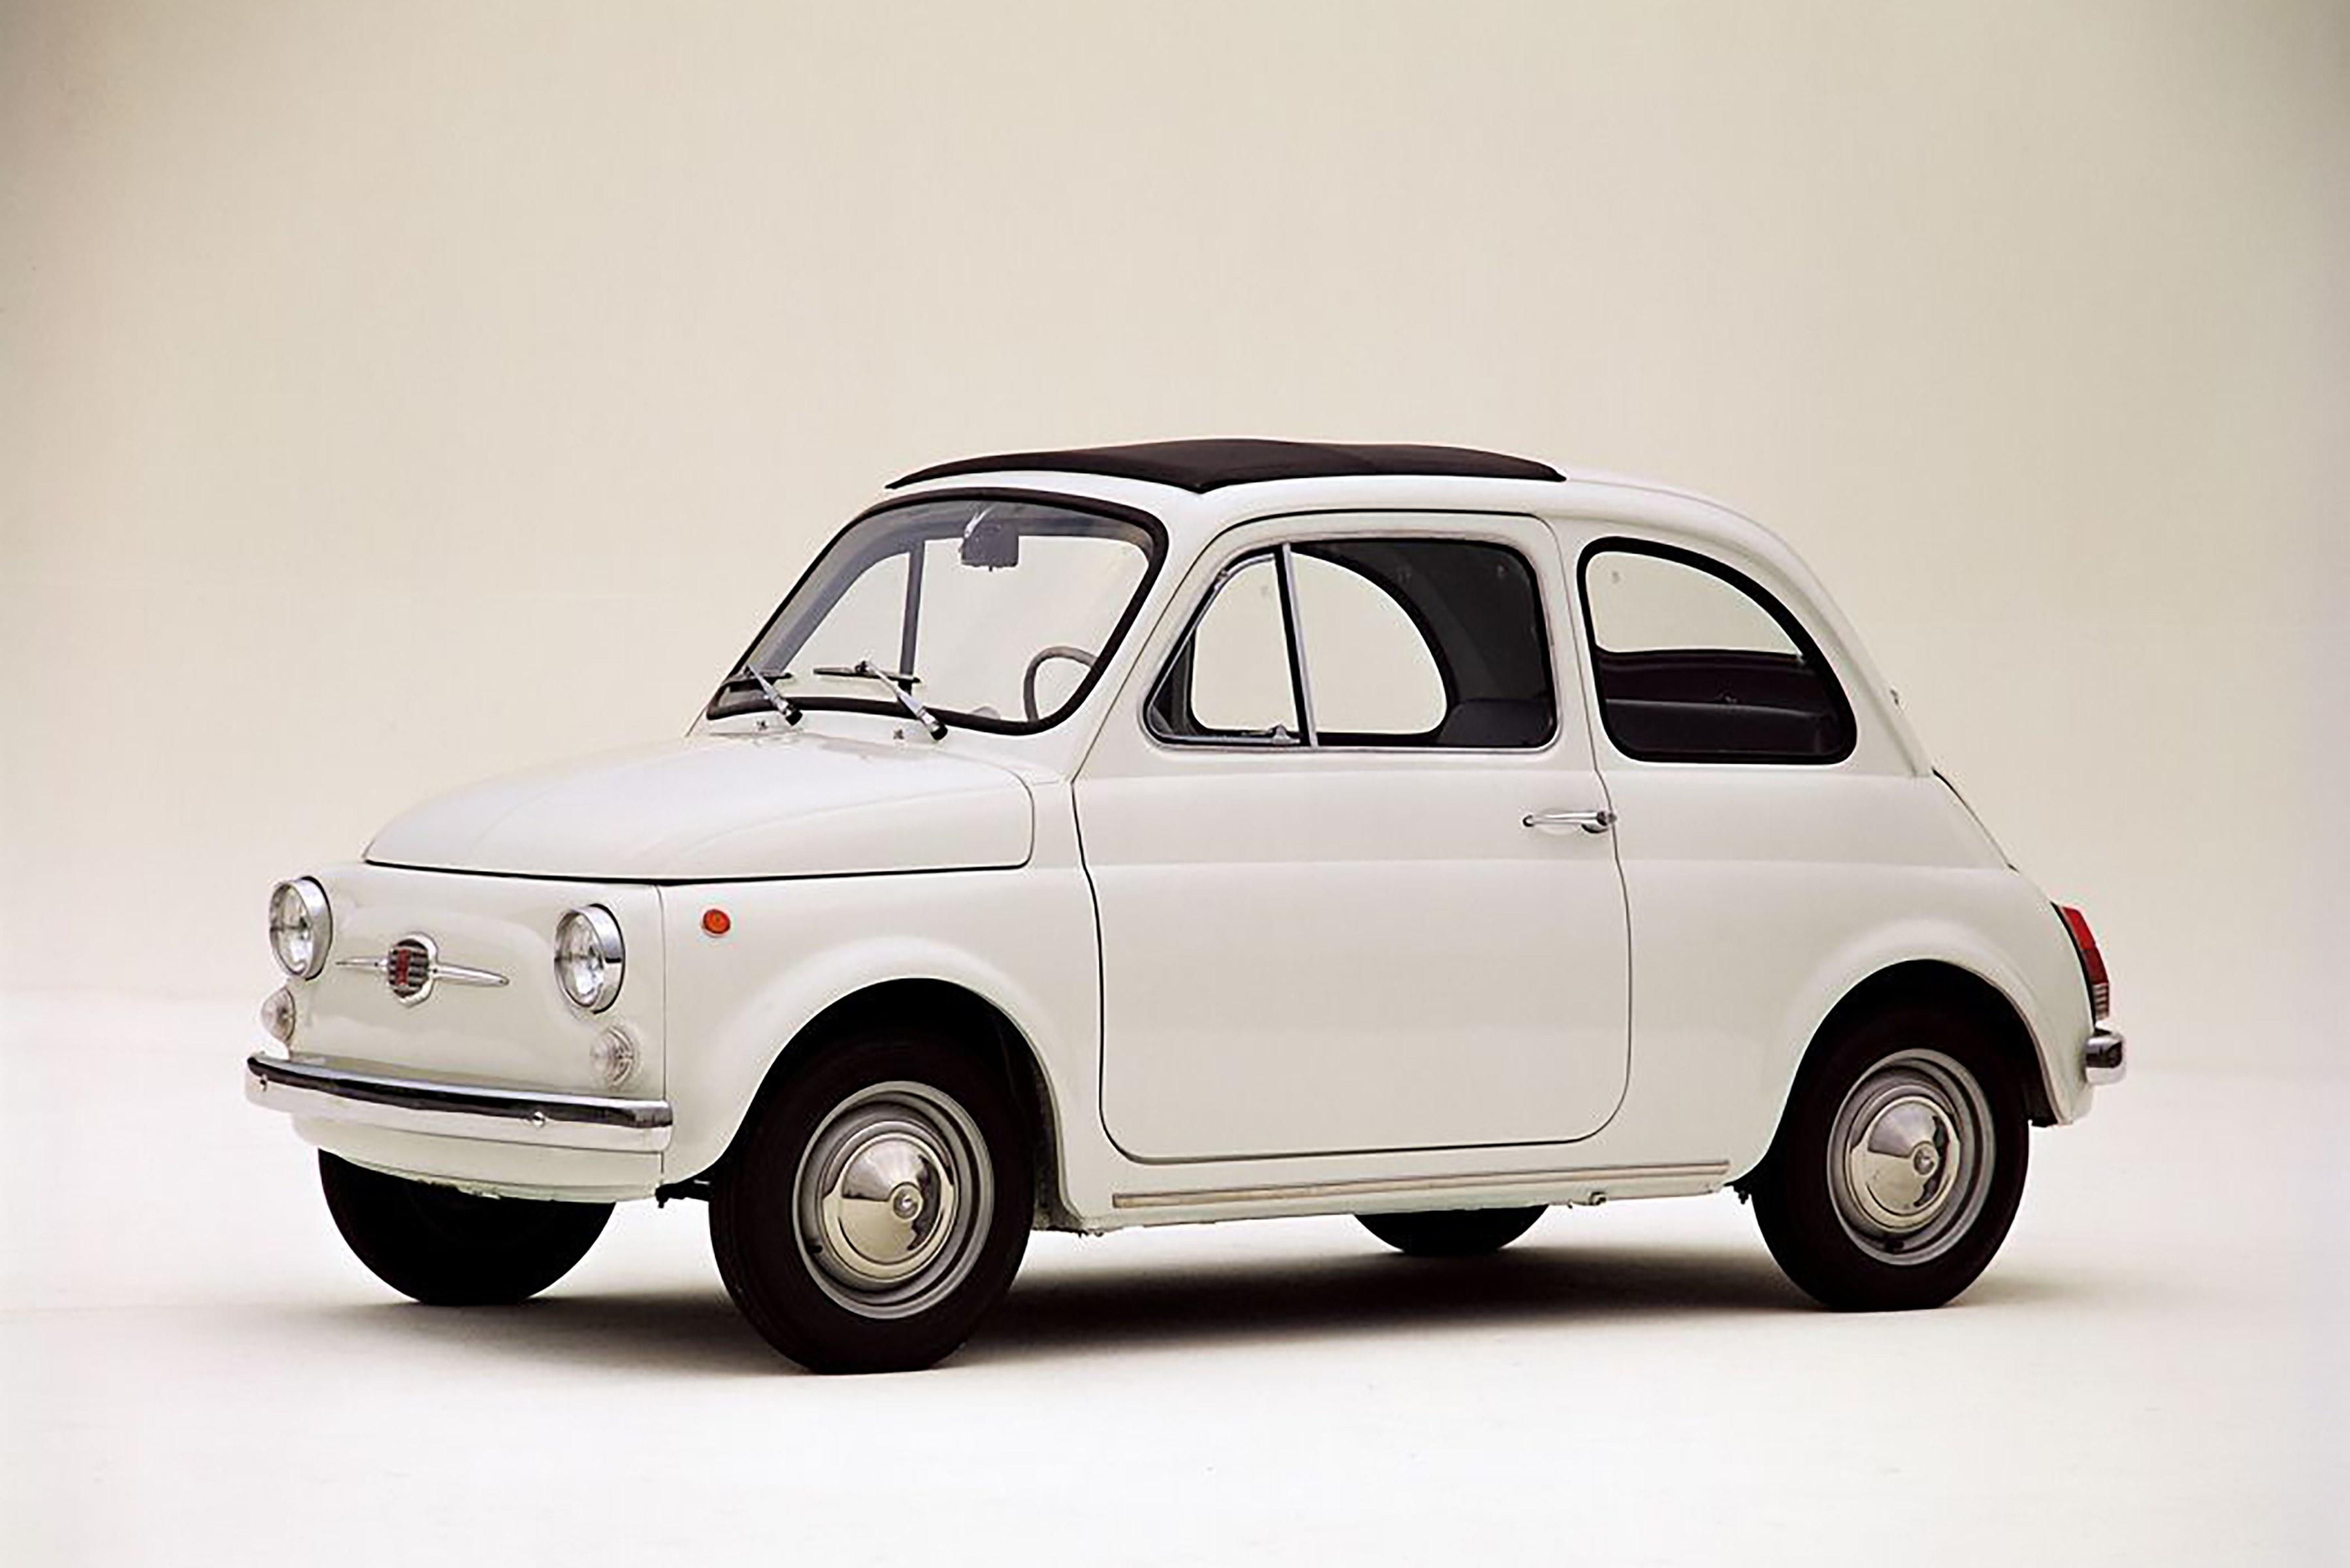 安価な実用車がすべての移動を「冒険」に変える?